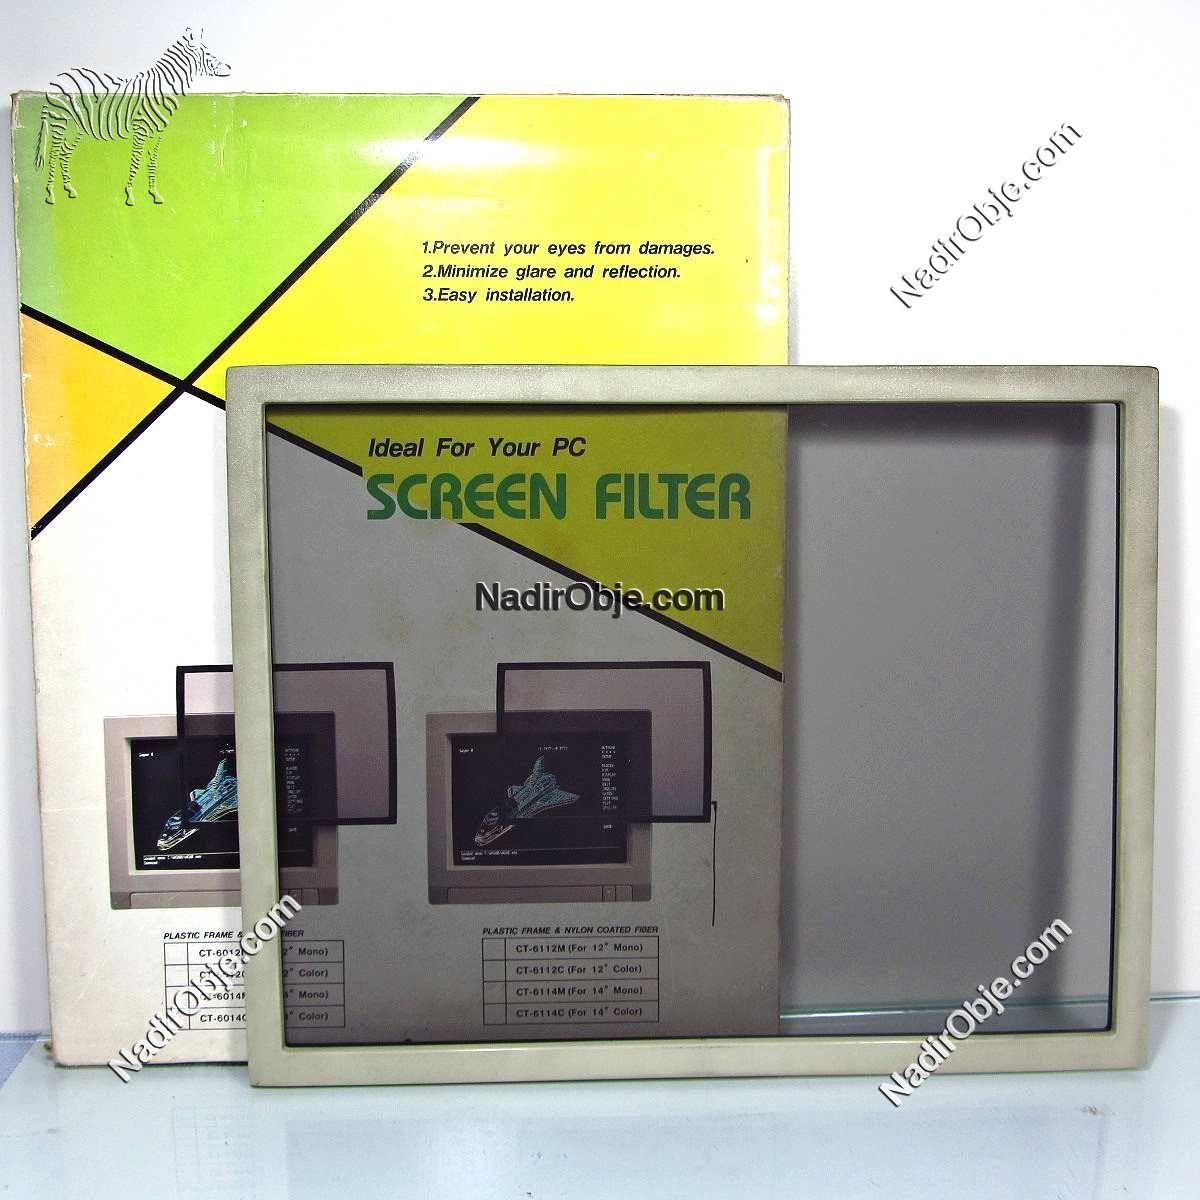 İpek Ekran Filtresi Diğer Objeler Bilgisayar